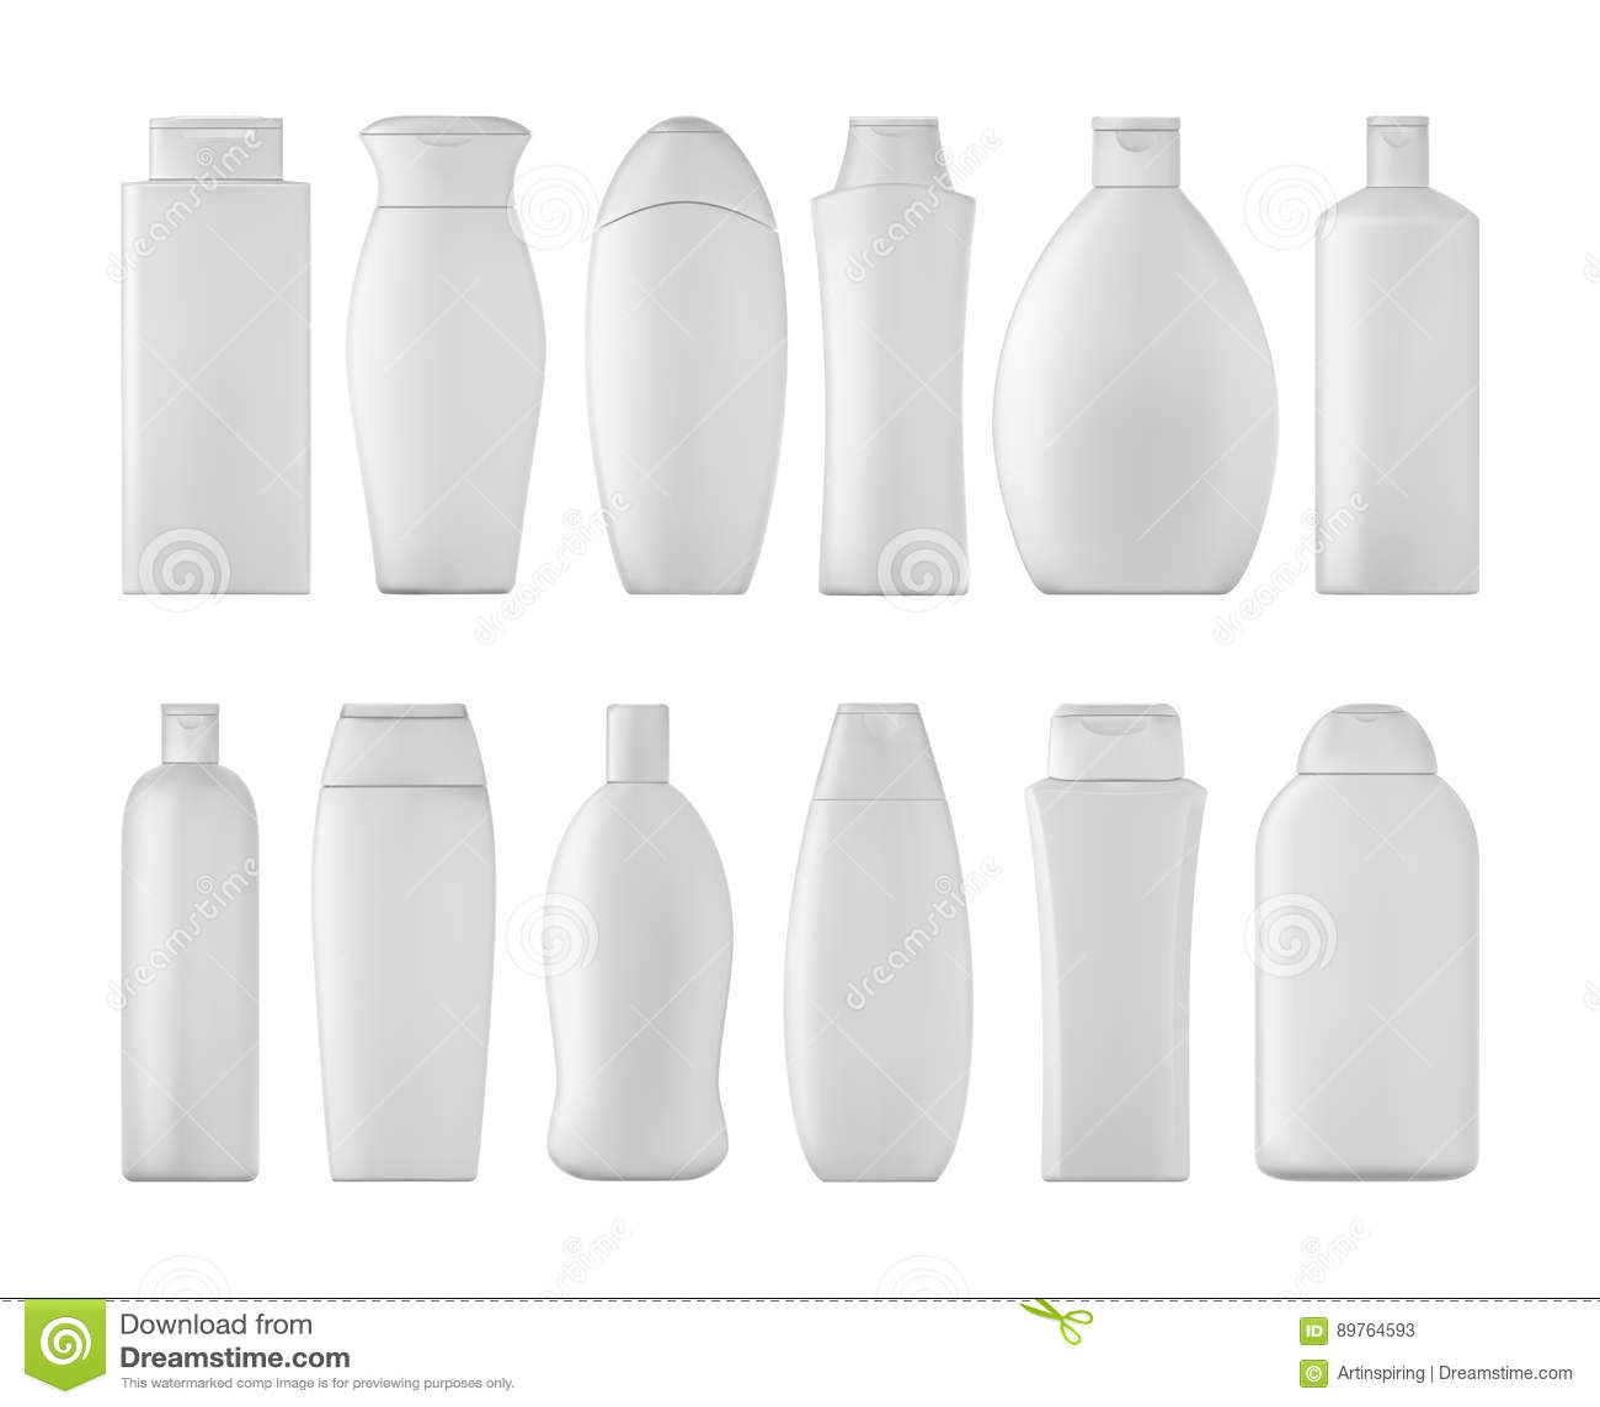 Shampooflaschen Stock-Fotos - Melden Sie sich kostenlos an